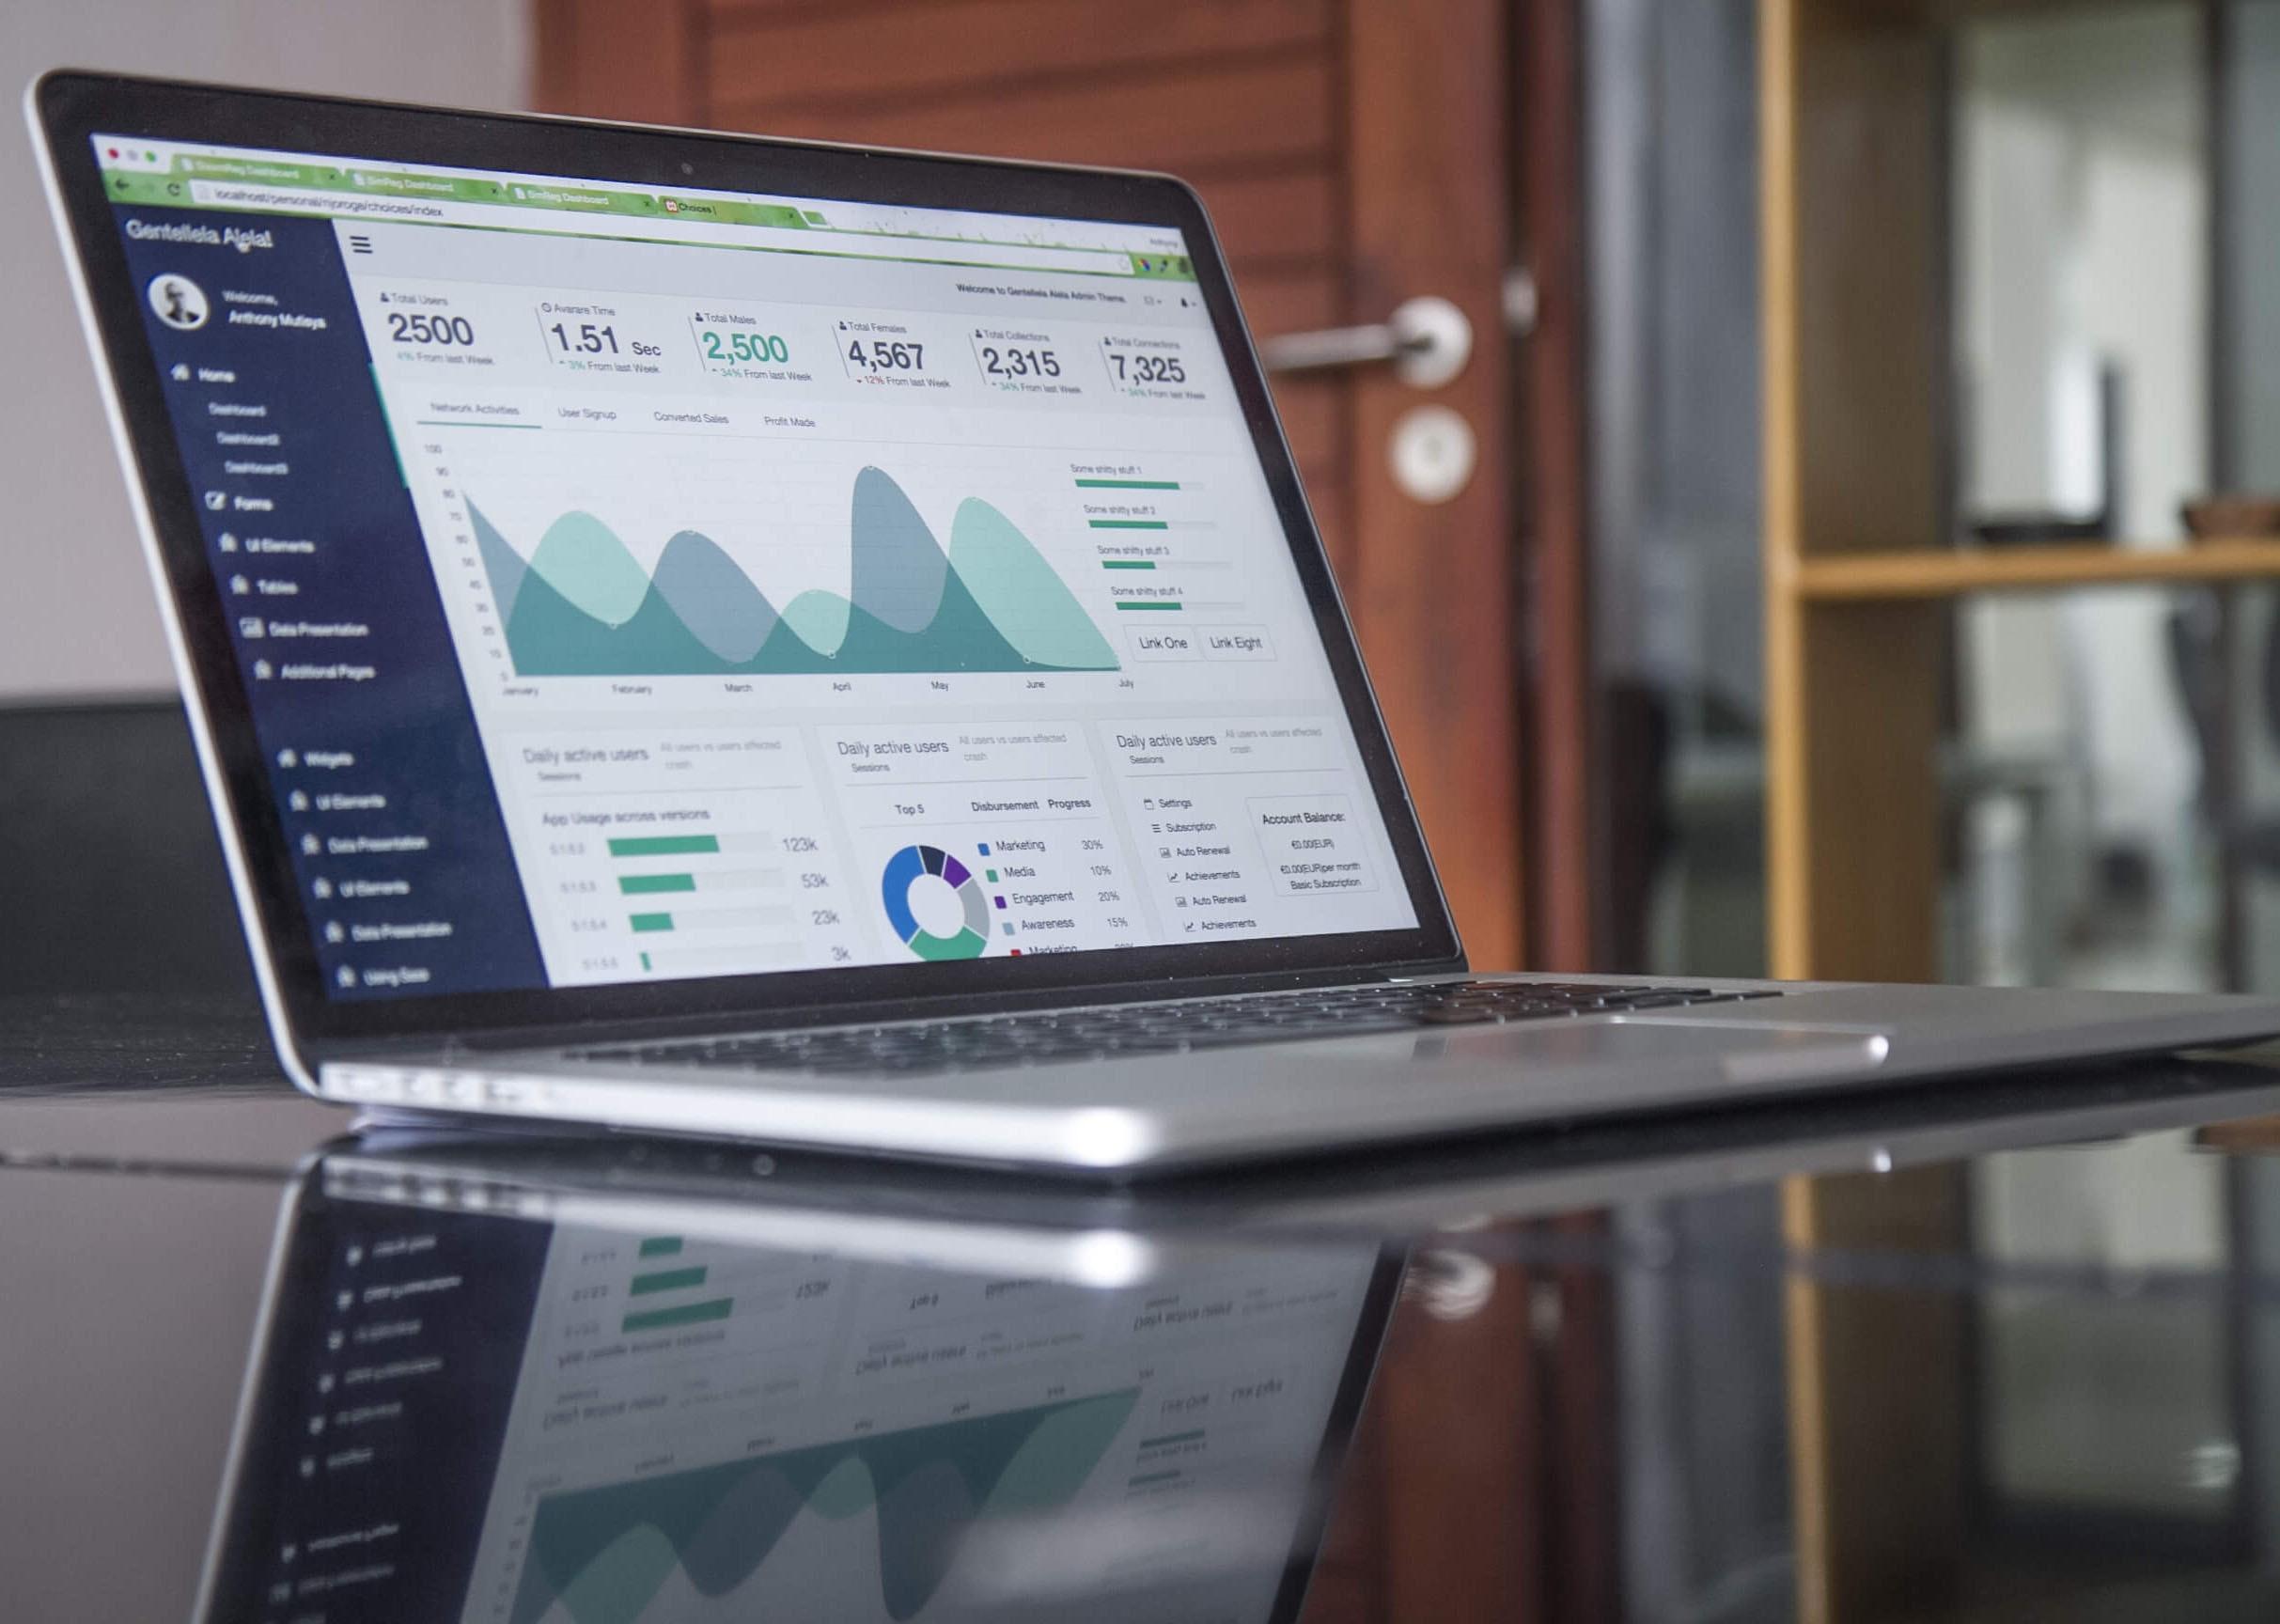 business cash flow projection laptop screen